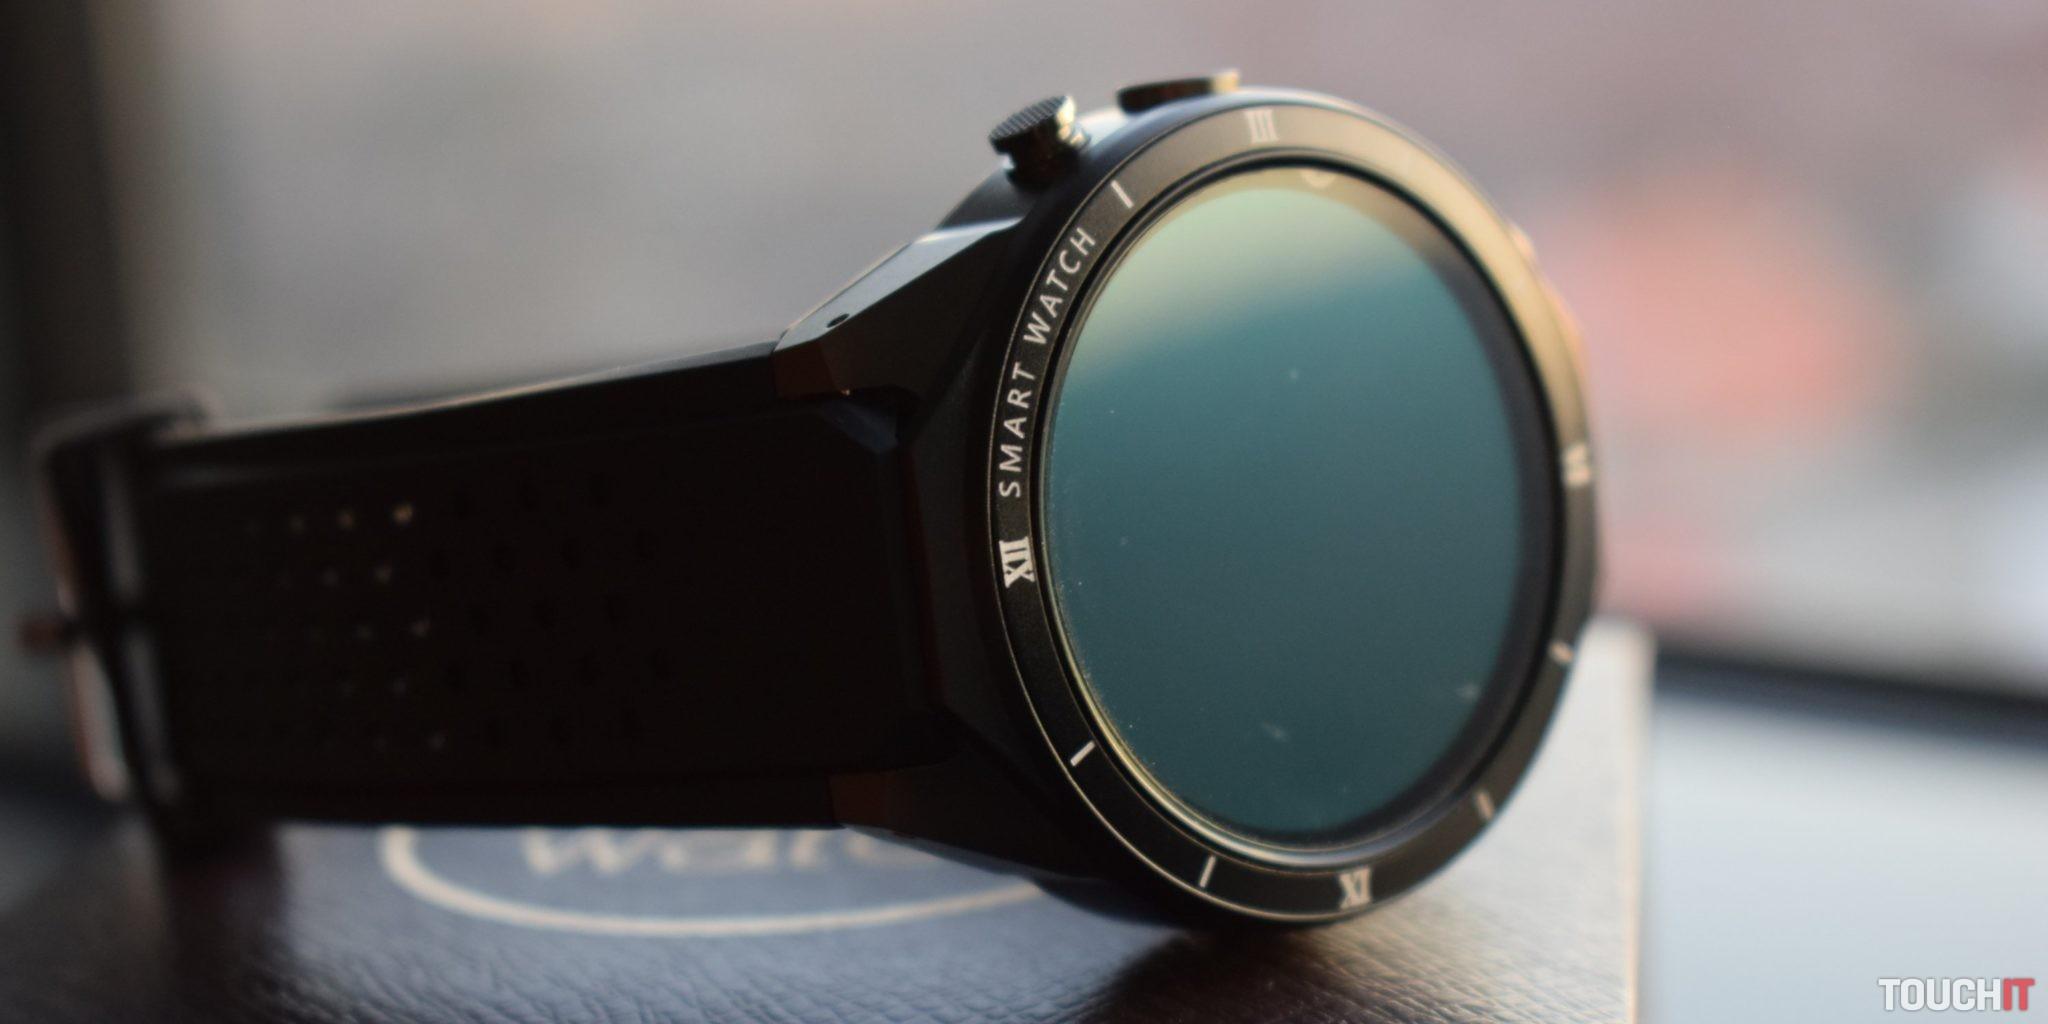 5ef2876a1 Do redakcie sa nám dostali hodinky, ktoré svojim prevedením a možnosťami  splnia očakávania aj náročnejších používateľov. Dokonca ich cena nie je  aktuálne ...